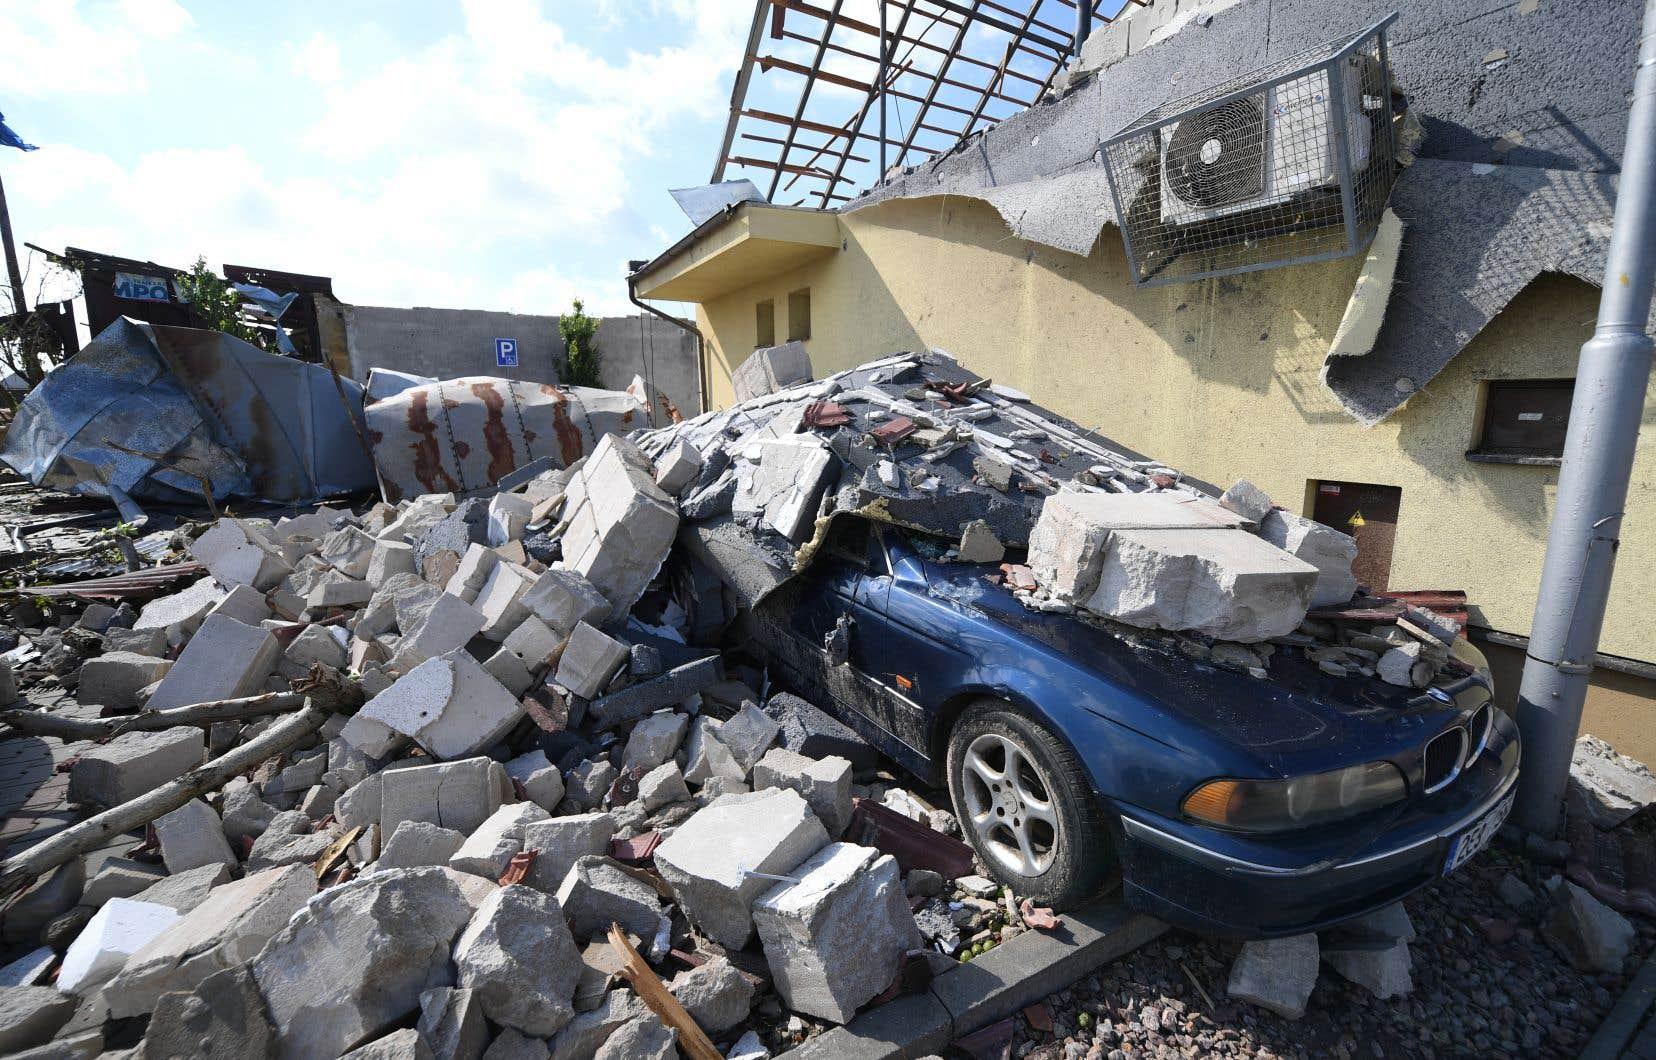 La tornade, avec des grêlons de la taille d'une balle de tennis, a frappé plusieurs villes et villages dont Hodonin, à la frontière avec la Slovaquie.